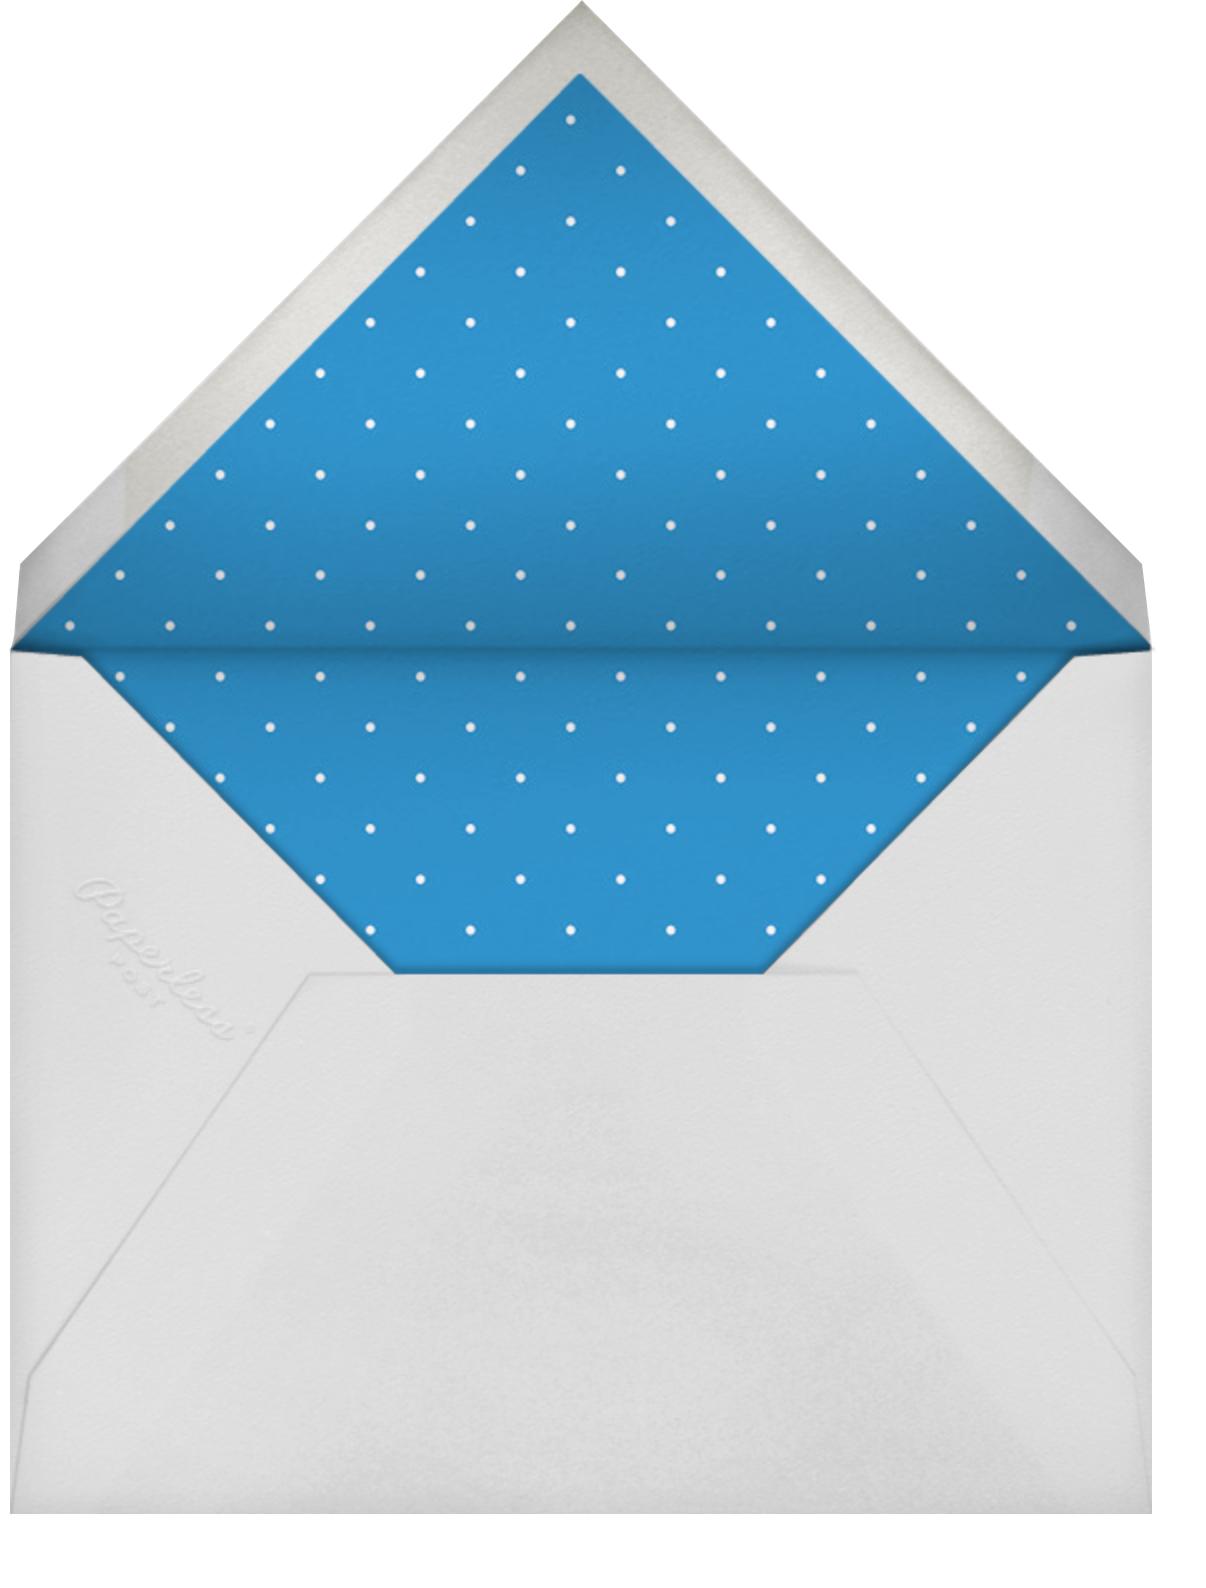 Spec in Capri - Blue - Mr. Boddington's Studio - Cocktail party - envelope back